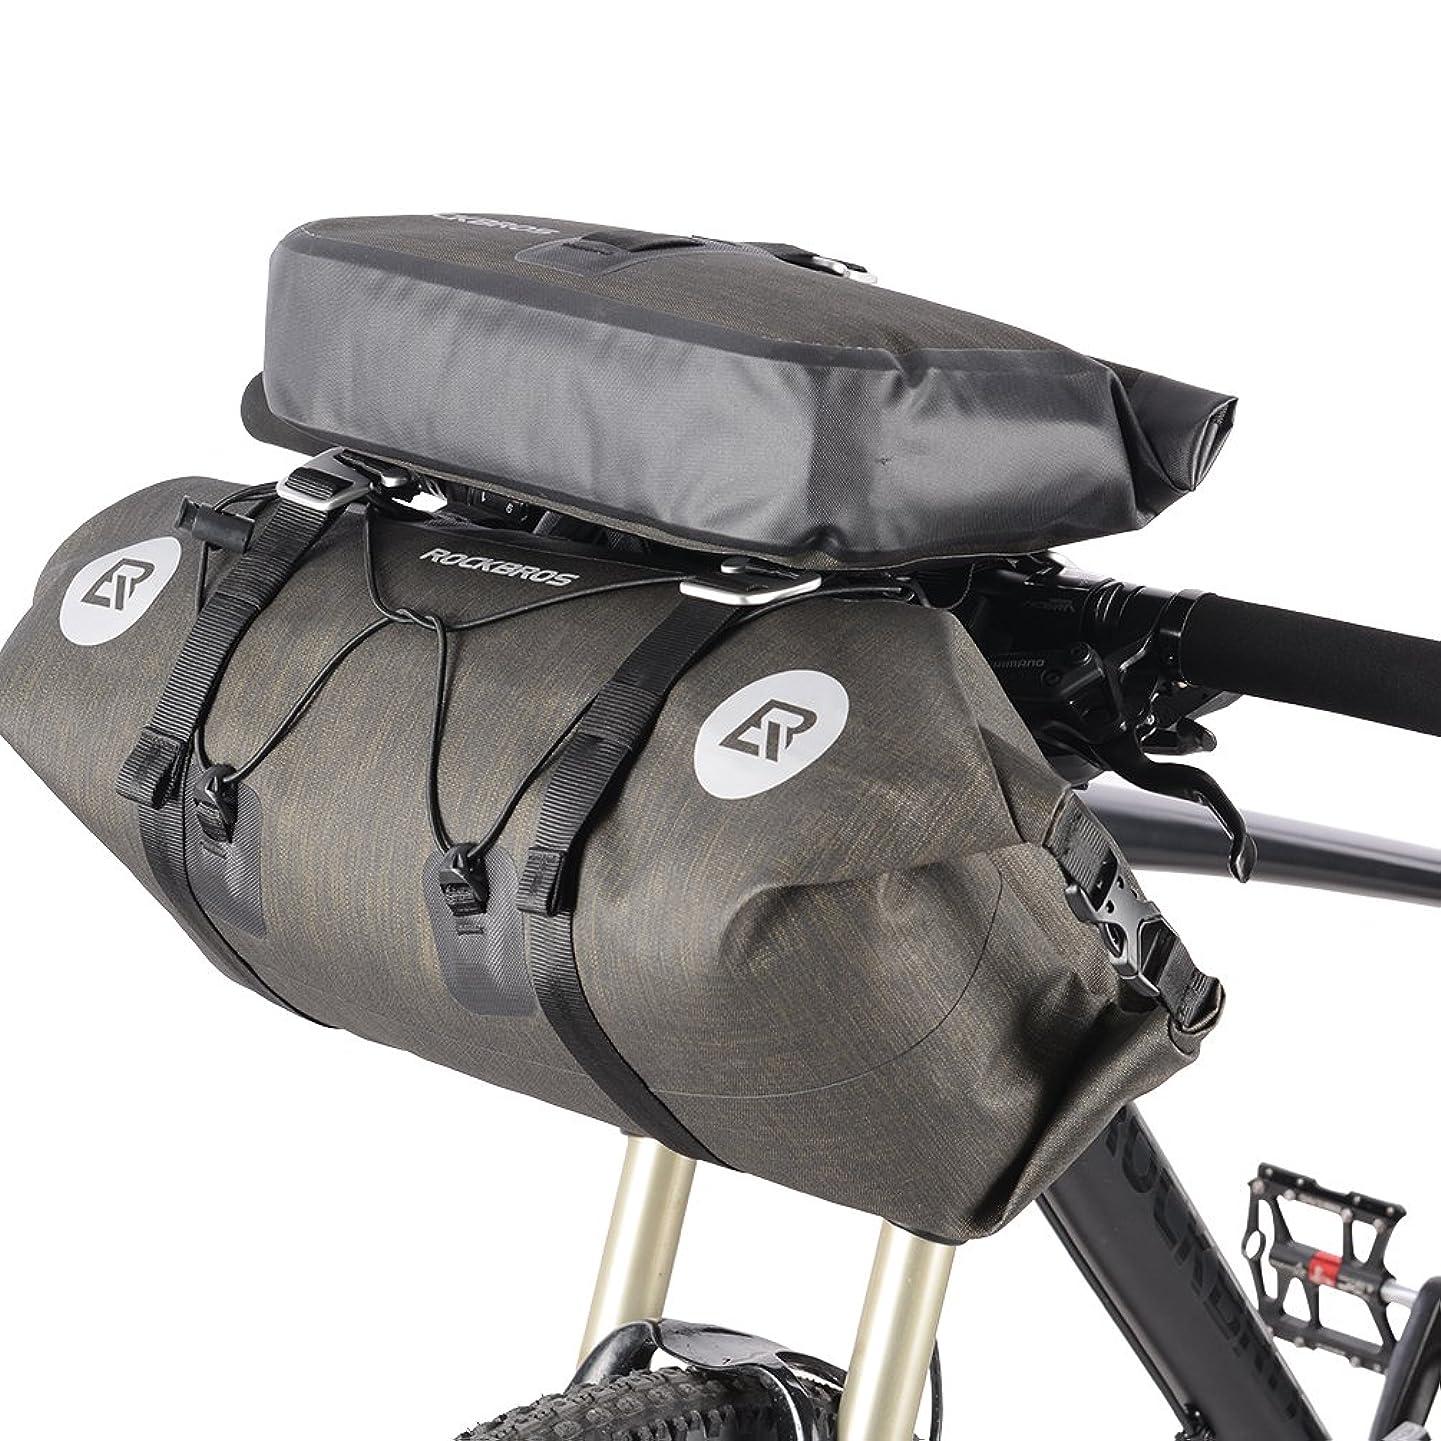 の中で敬の念コウモリROCKBROS(ロックブロス)ハンドルバーバッグ 自転車 フロントバッグ 防水 反射 付き セット 大容量